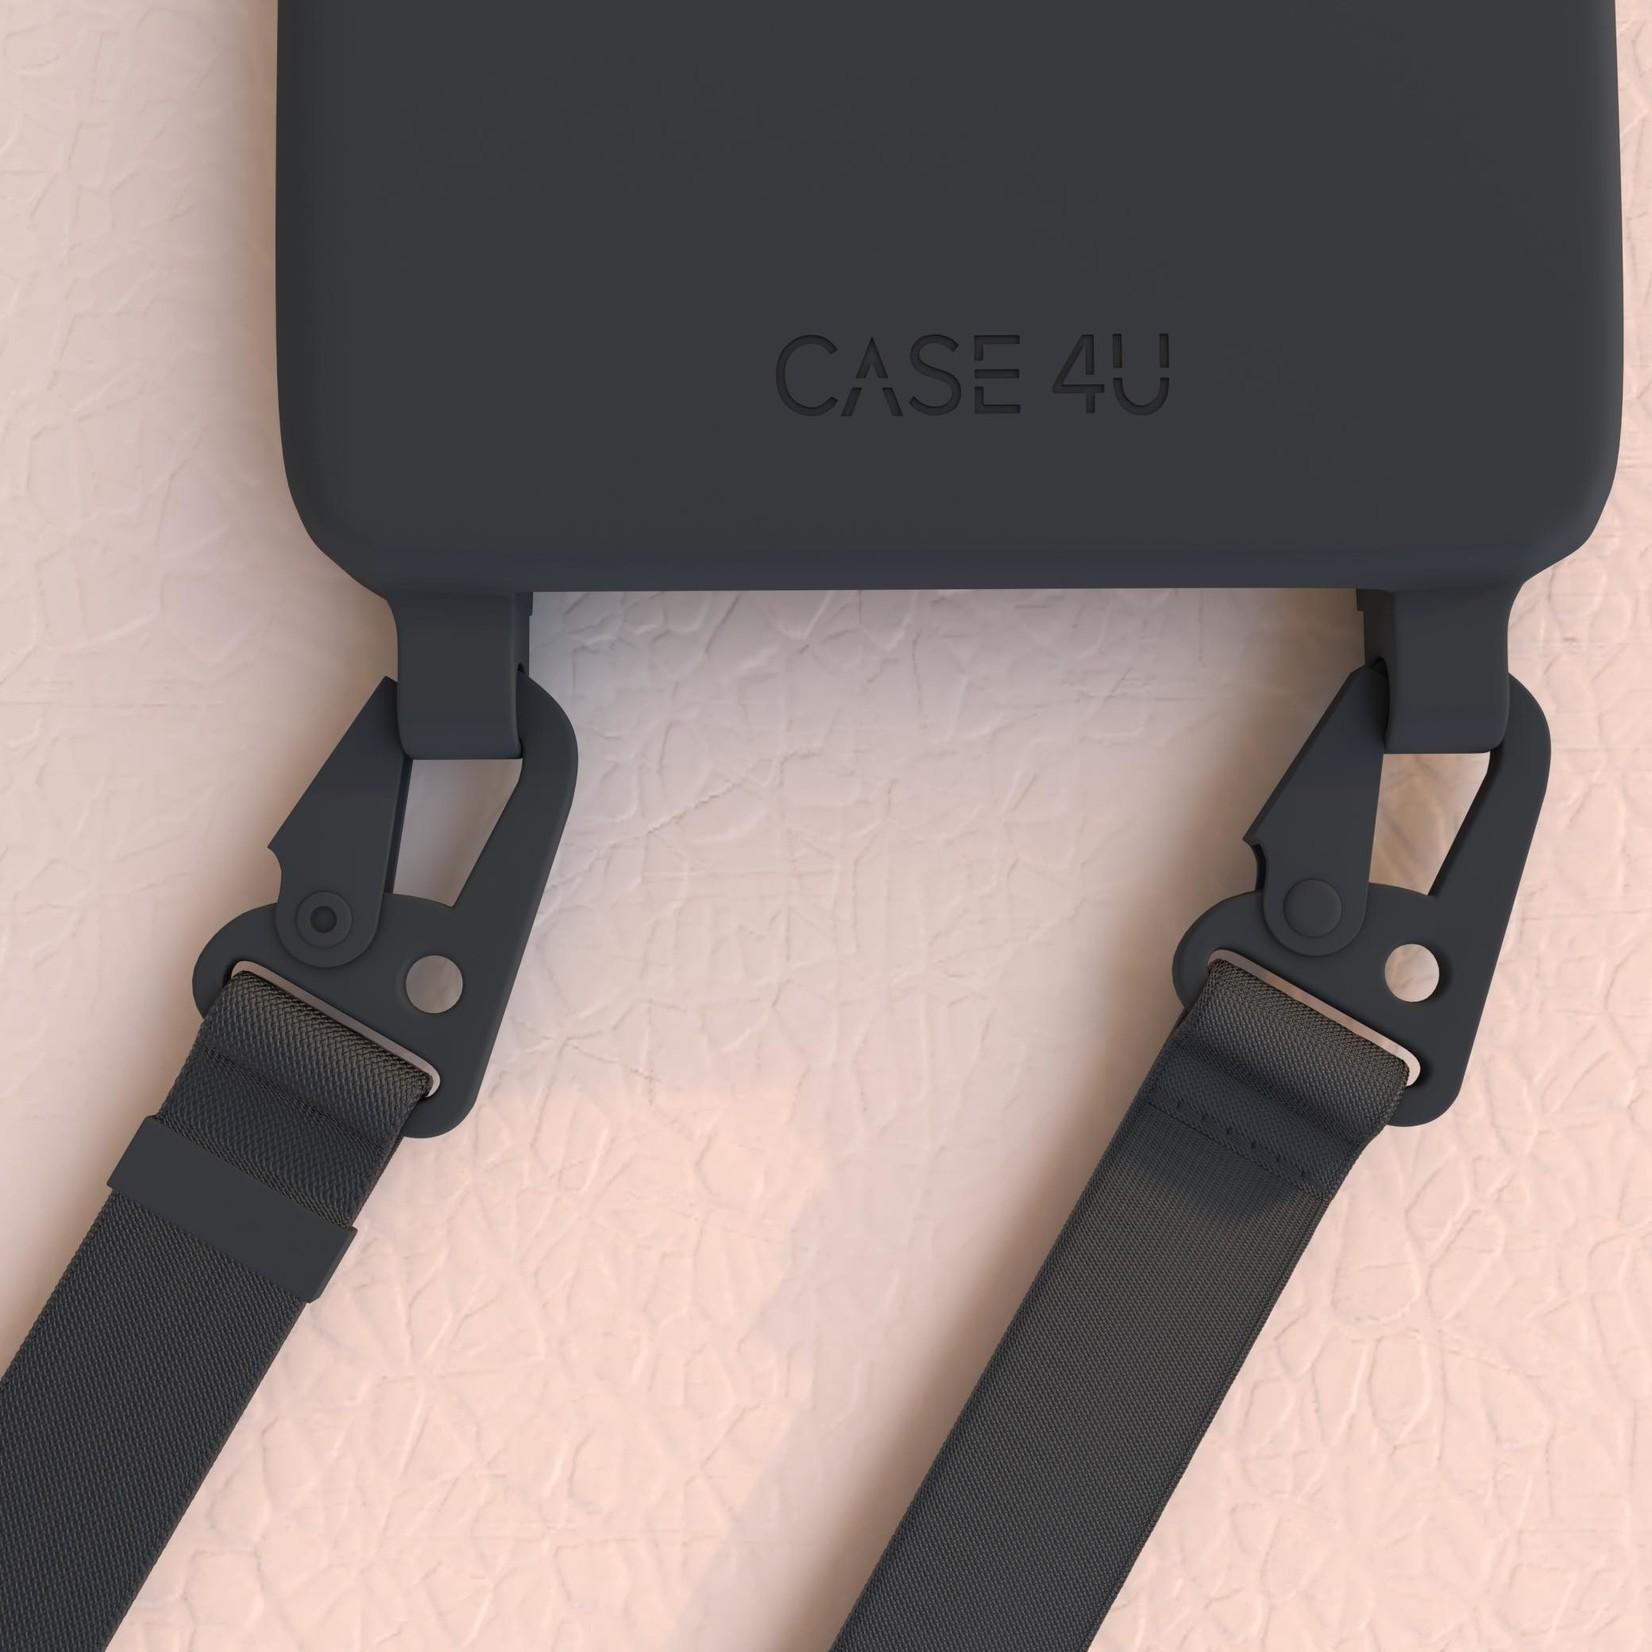 Case 4U Case 4U : Matte Black Strap and Case